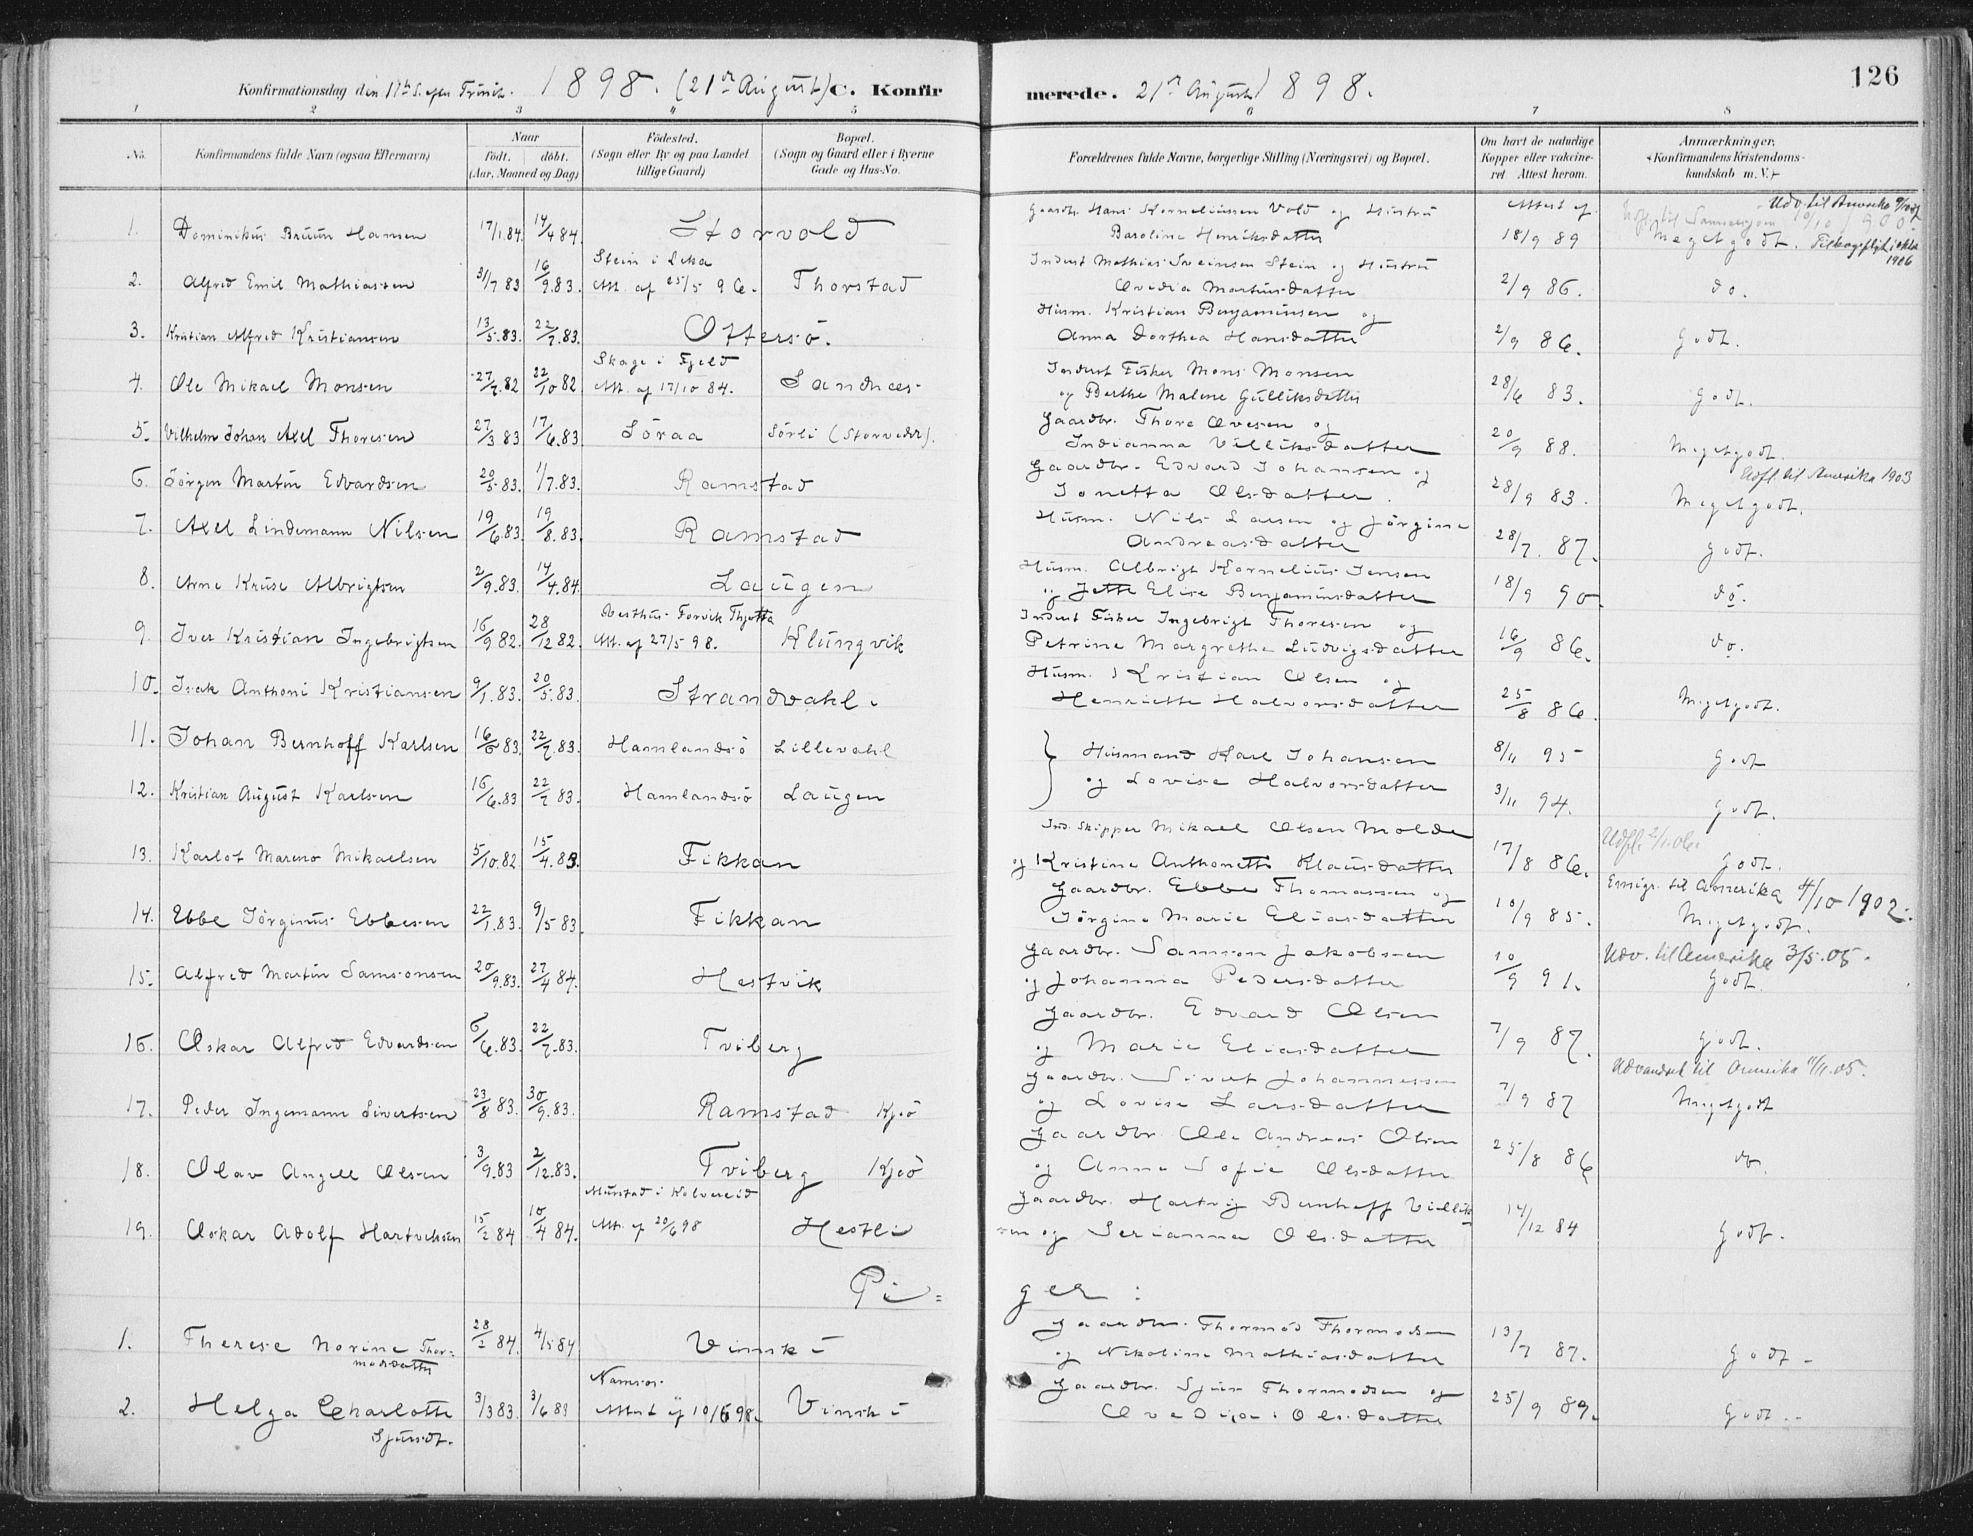 SAT, Ministerialprotokoller, klokkerbøker og fødselsregistre - Nord-Trøndelag, 784/L0673: Parish register (official) no. 784A08, 1888-1899, p. 126